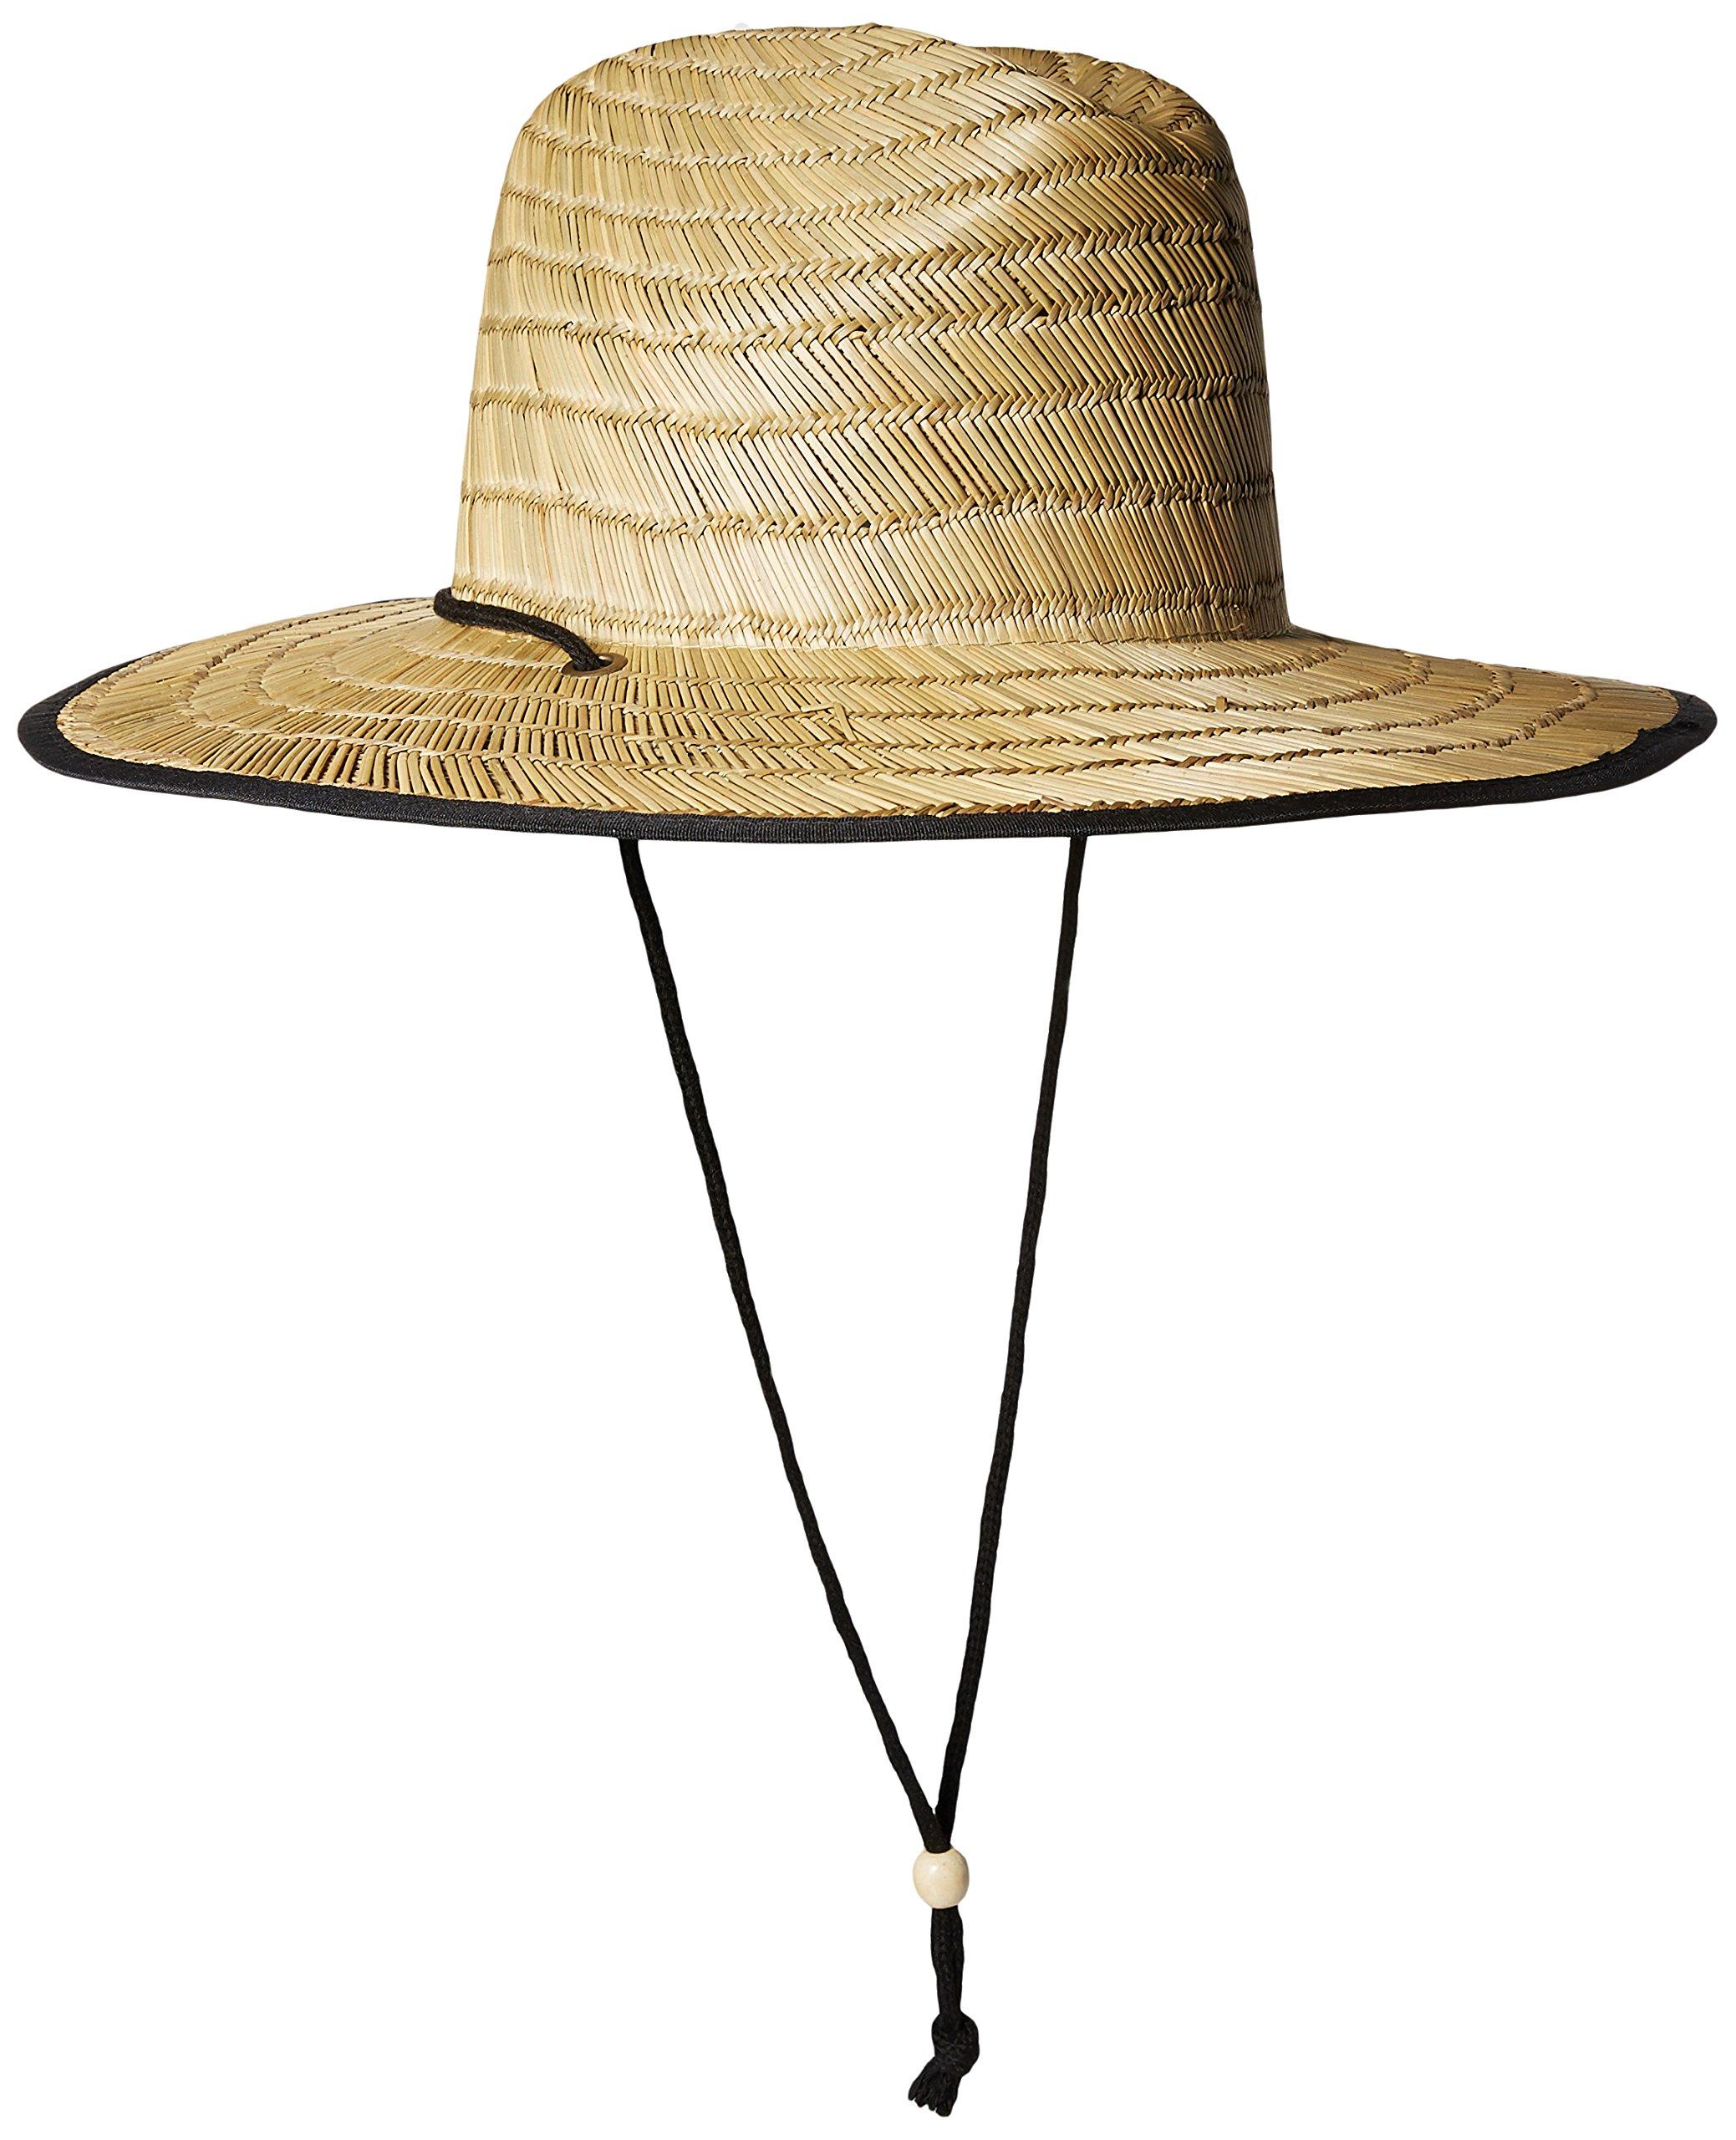 Roxy Women's Tomboy 2 Straw Sun Protection Hat, True Black, M/L by Roxy (Image #2)